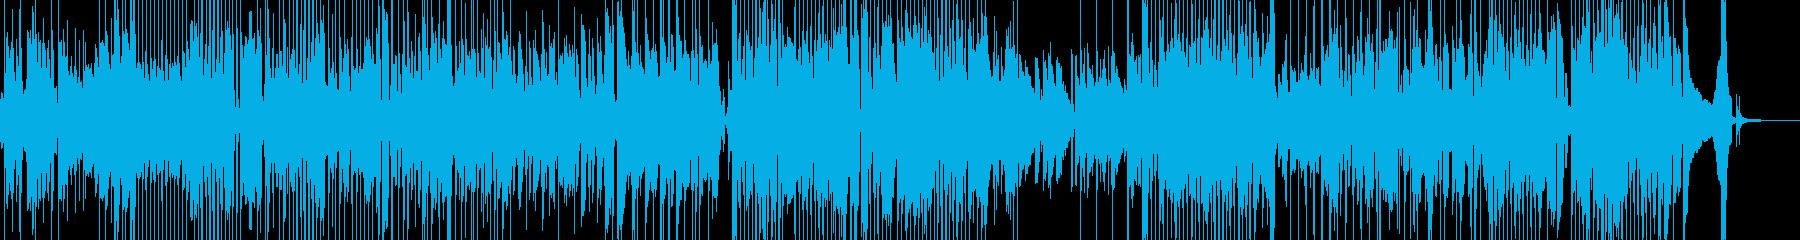 明るく前向きな気持ちになるジャズ 短尺★の再生済みの波形